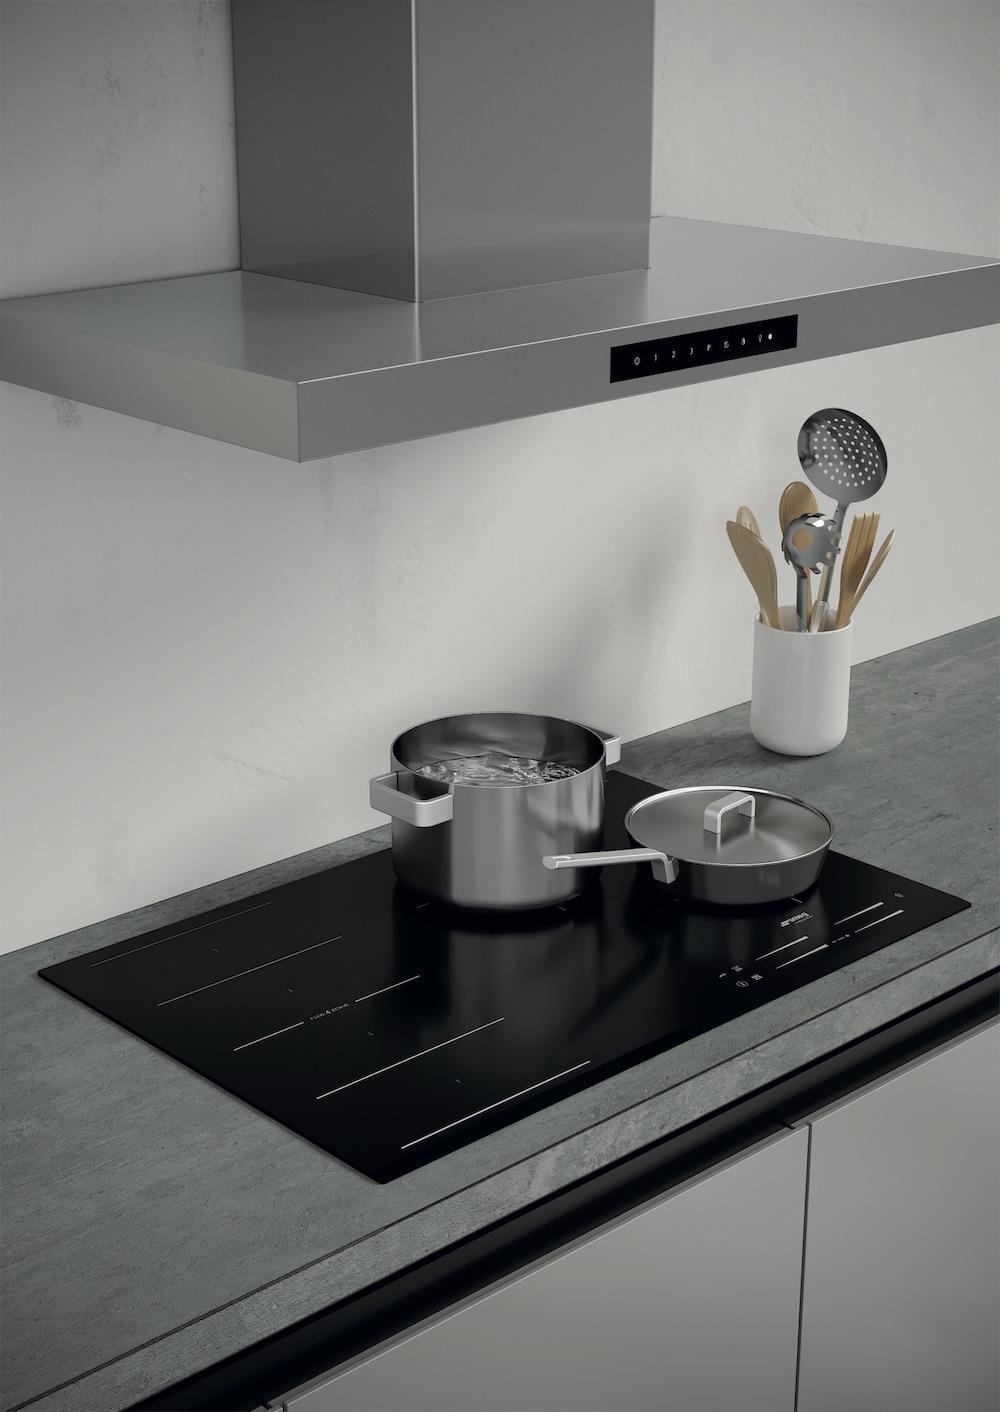 De nieuwe inductiekookplaten van Smeg met Intuitive sliders zijn de perfecte keuze voor liefhebbers van moderne stijl. De elegante lijnen passen perfect in elk werkblad van de keuken. Maximale flexibiliteit wordt gegarandeerd door de 14 verschillende kookniveaus, zodat u met een grotere precisie kunt koken en een nauwkeurige temperatuurregeling kunt bieden. #smeg #inductiekoken #inductie #kookplaat #keuken #keukeninspiratie